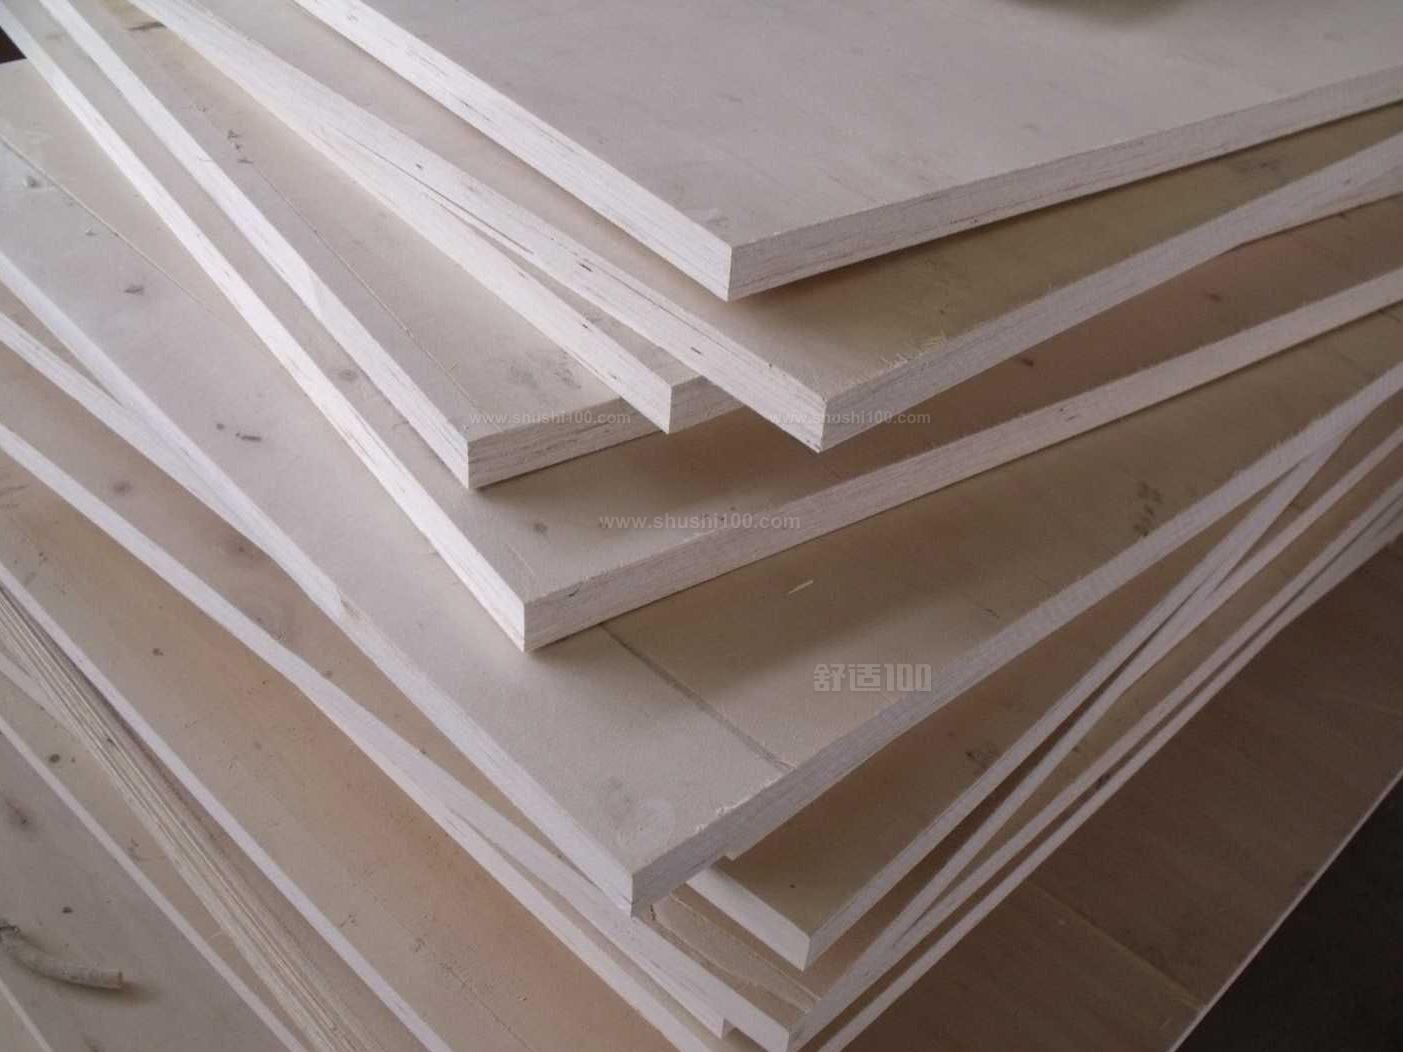 板材种类 板材的种类有哪些